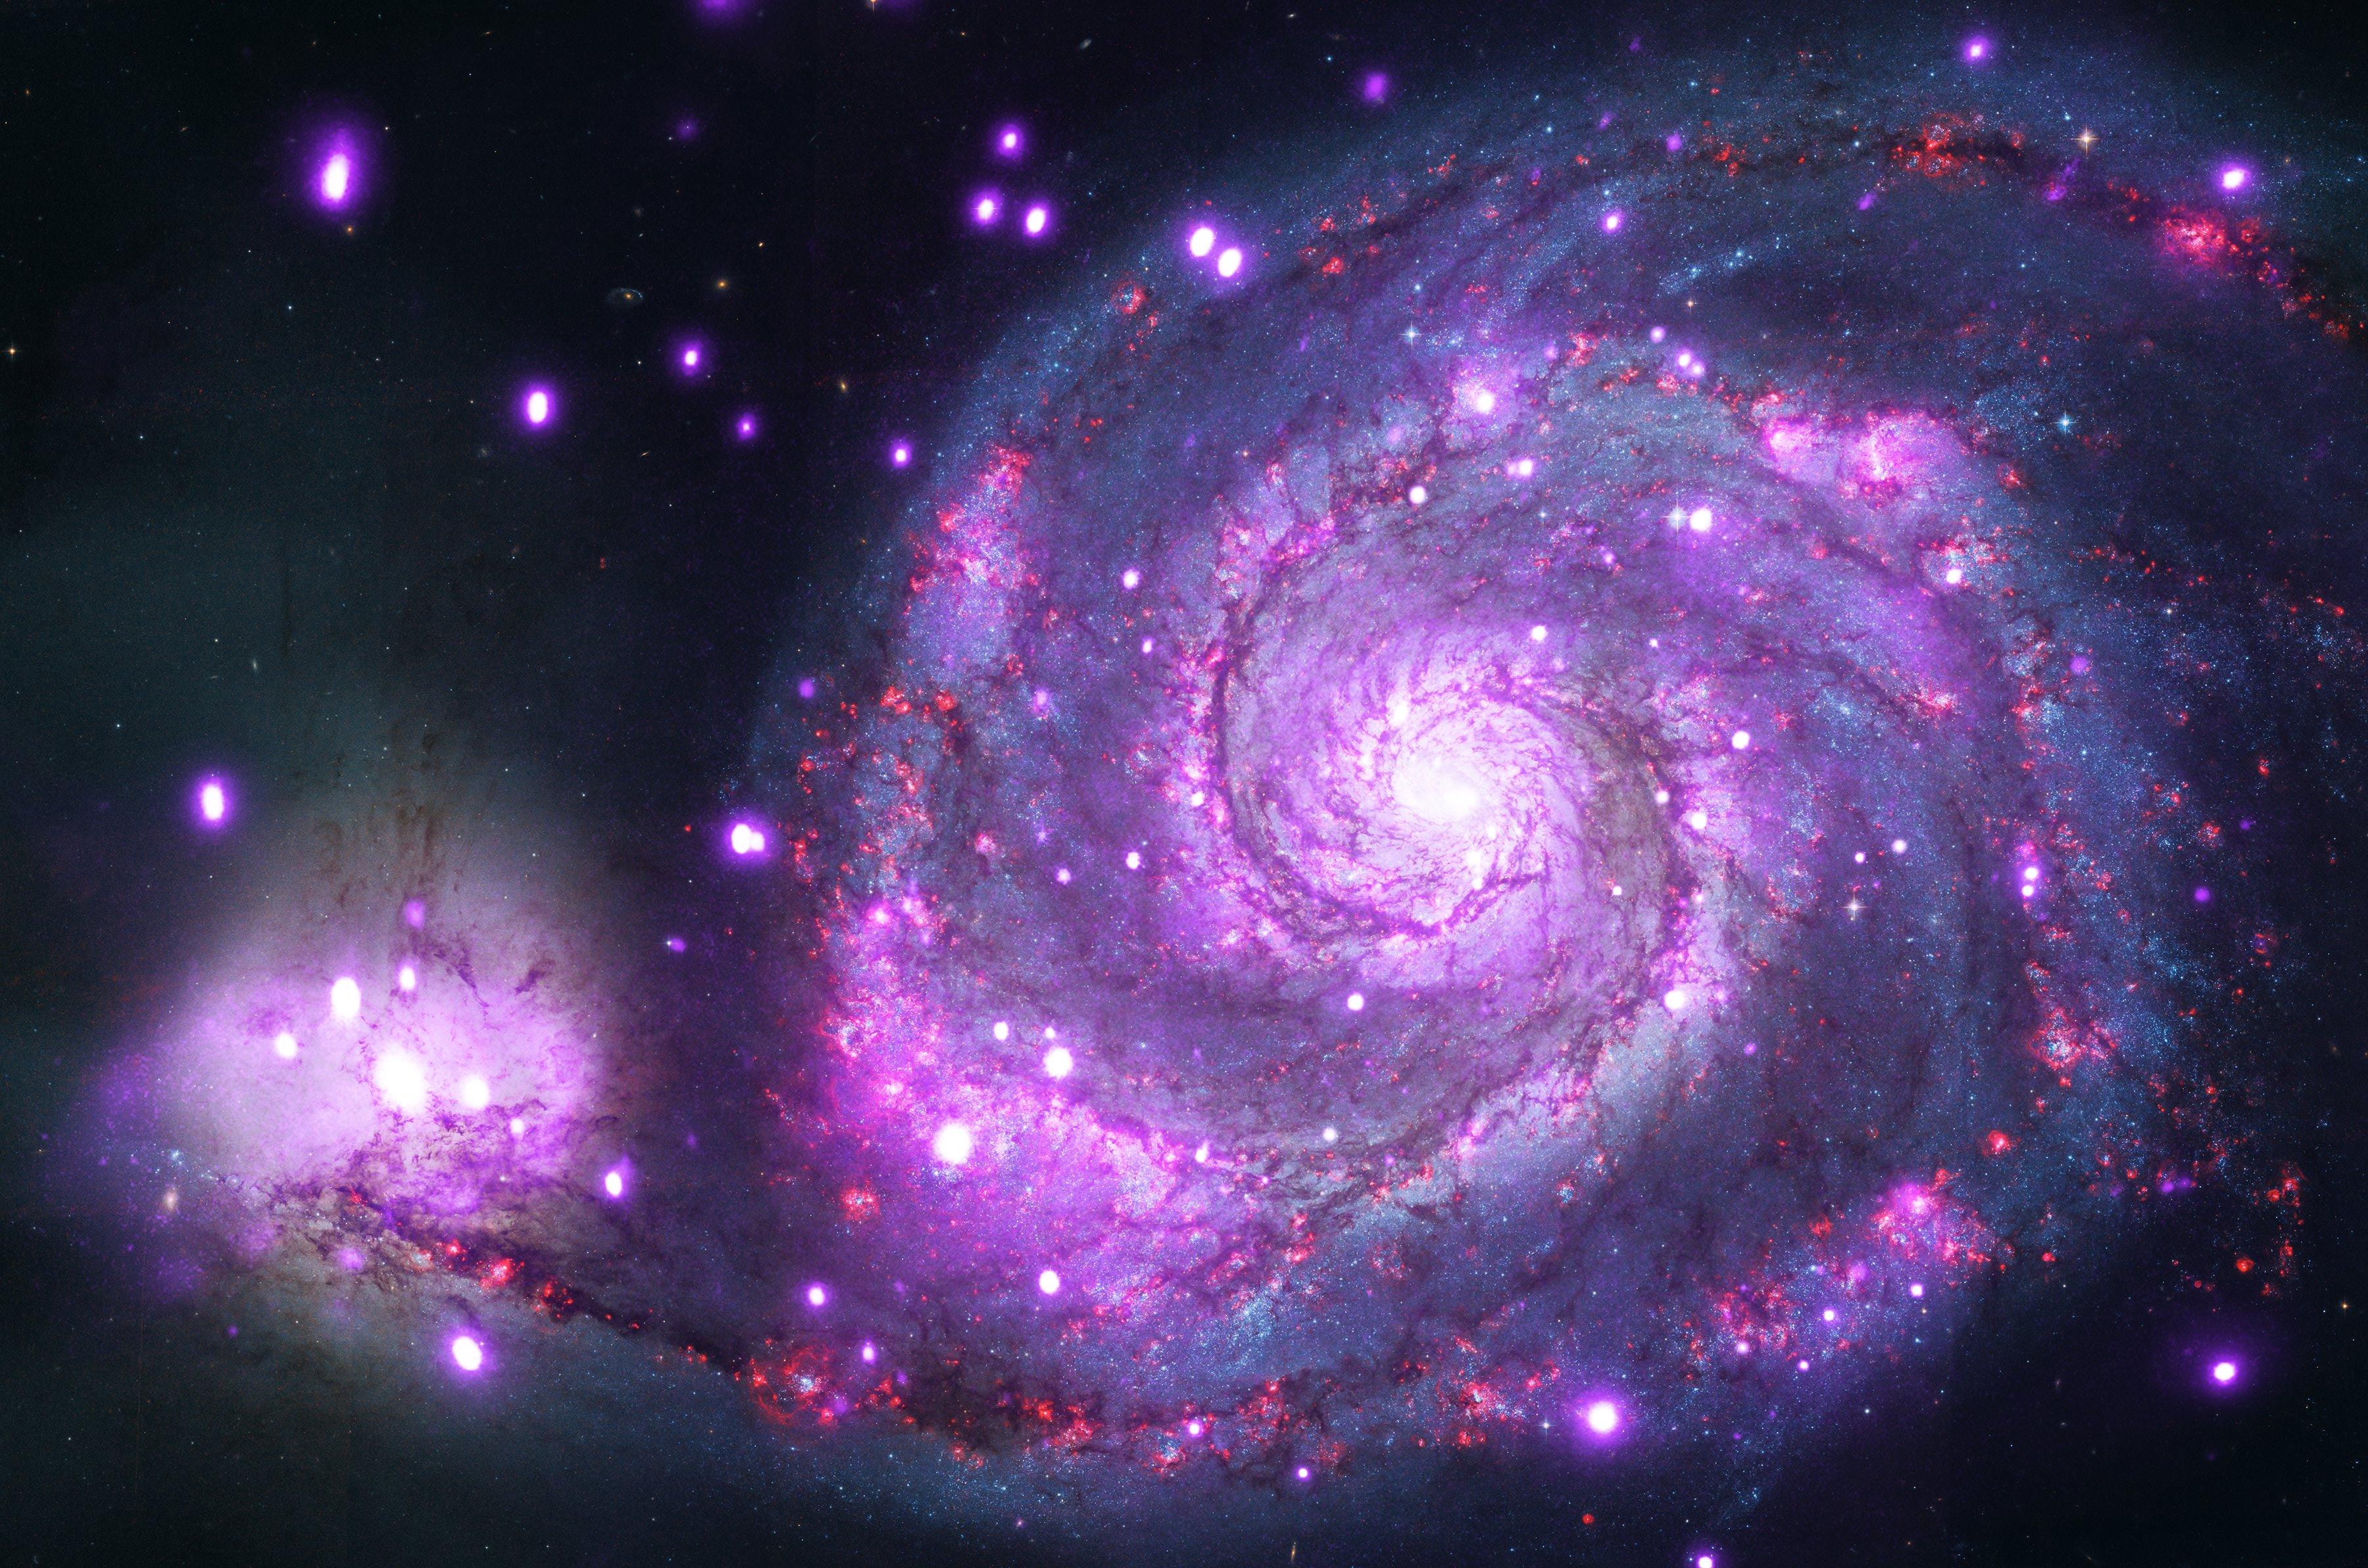 Галактика что это? значение слова галактика